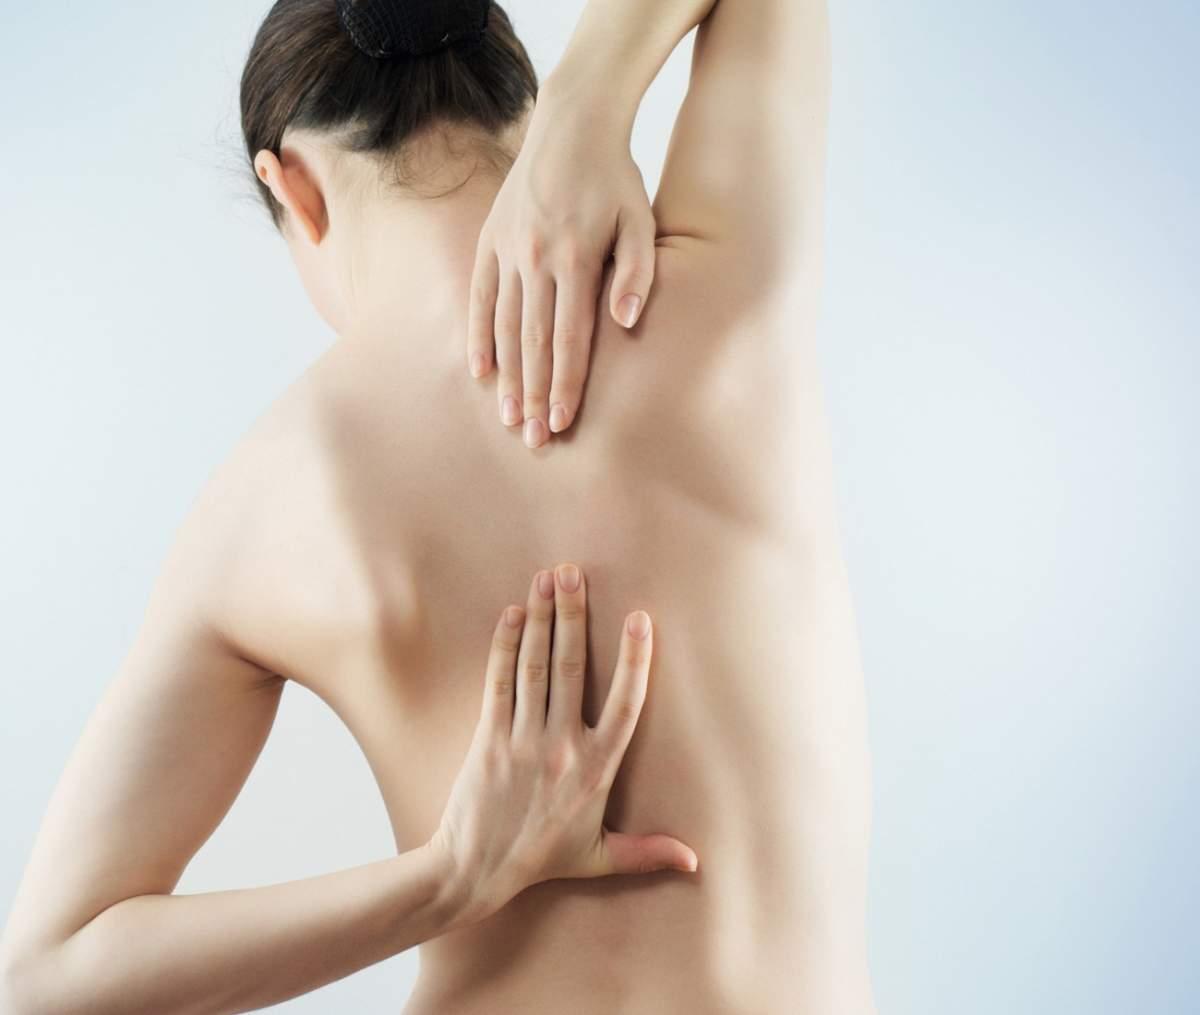 остеохондроз: какие бывают стадии